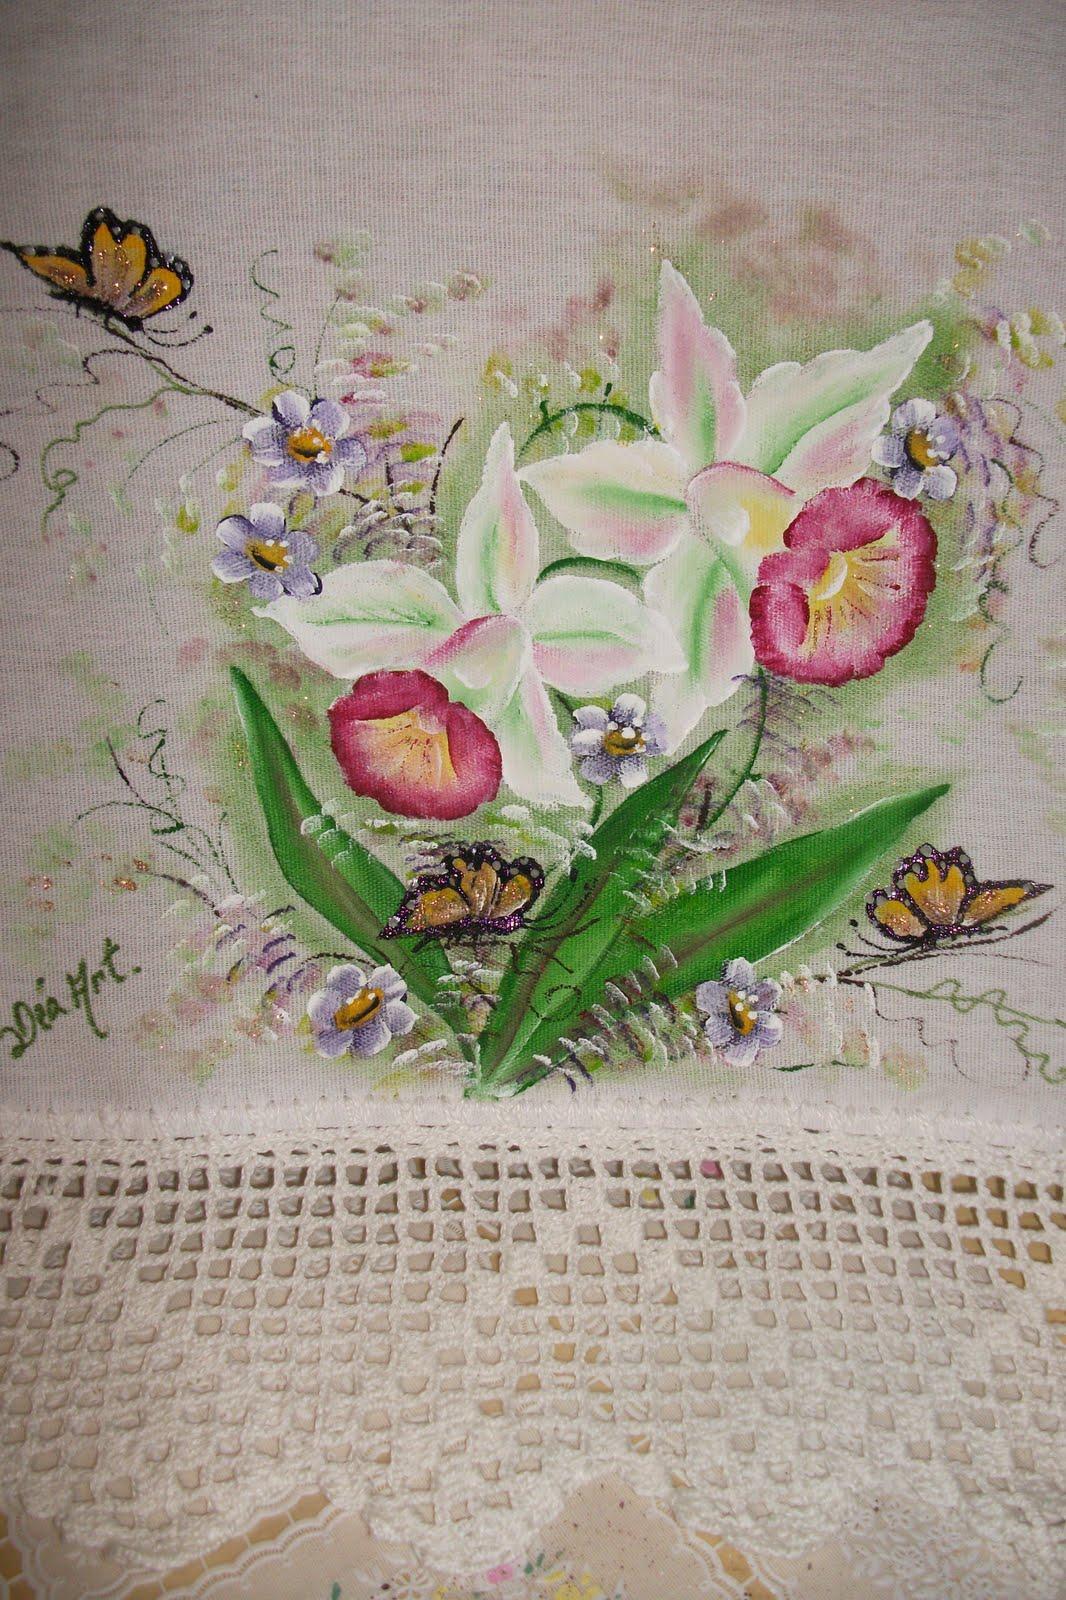 borboletas pintadas e acabamento em bico de crochêum lindo jardim